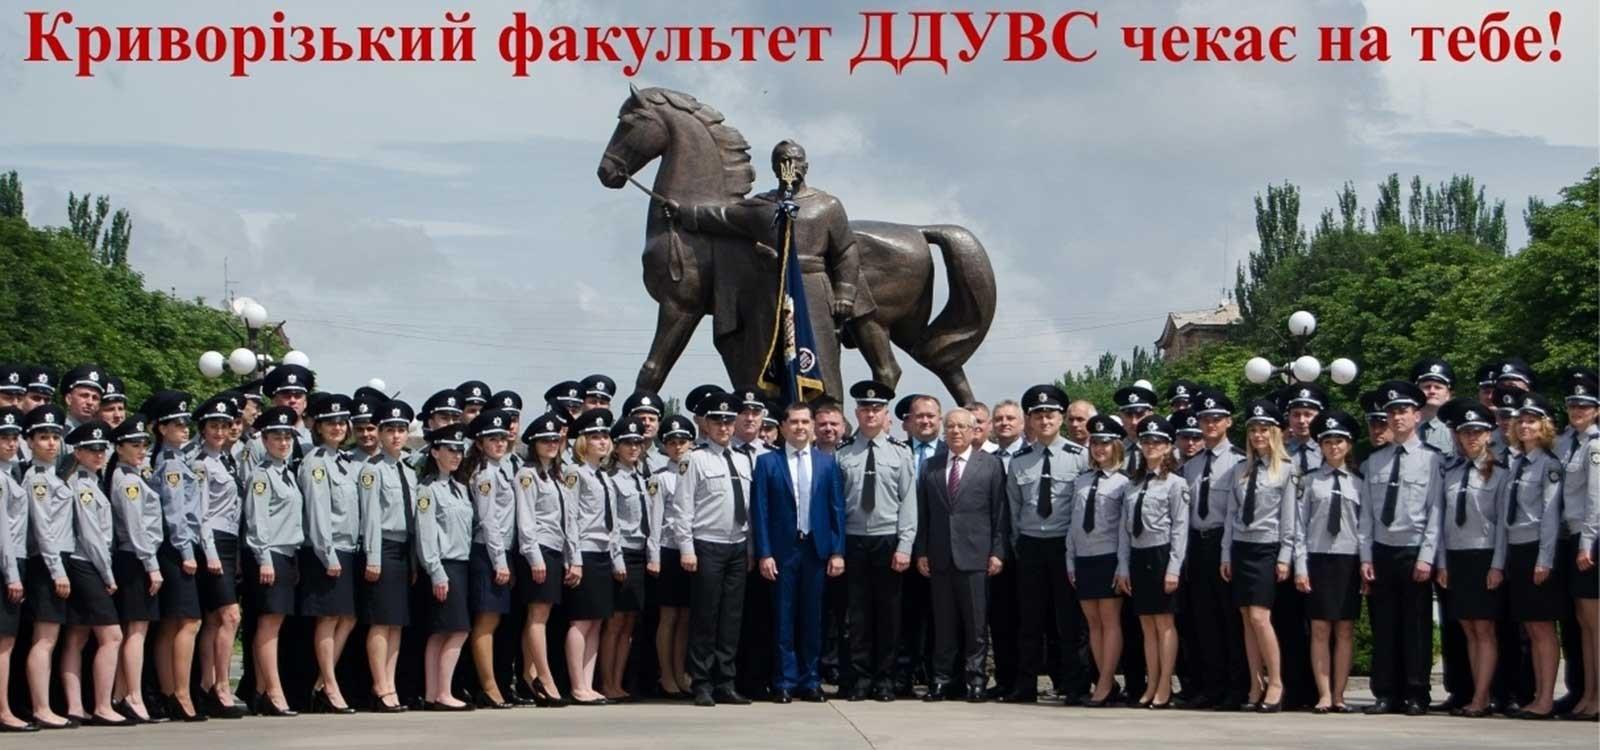 Криворізький факультет ДДУВС